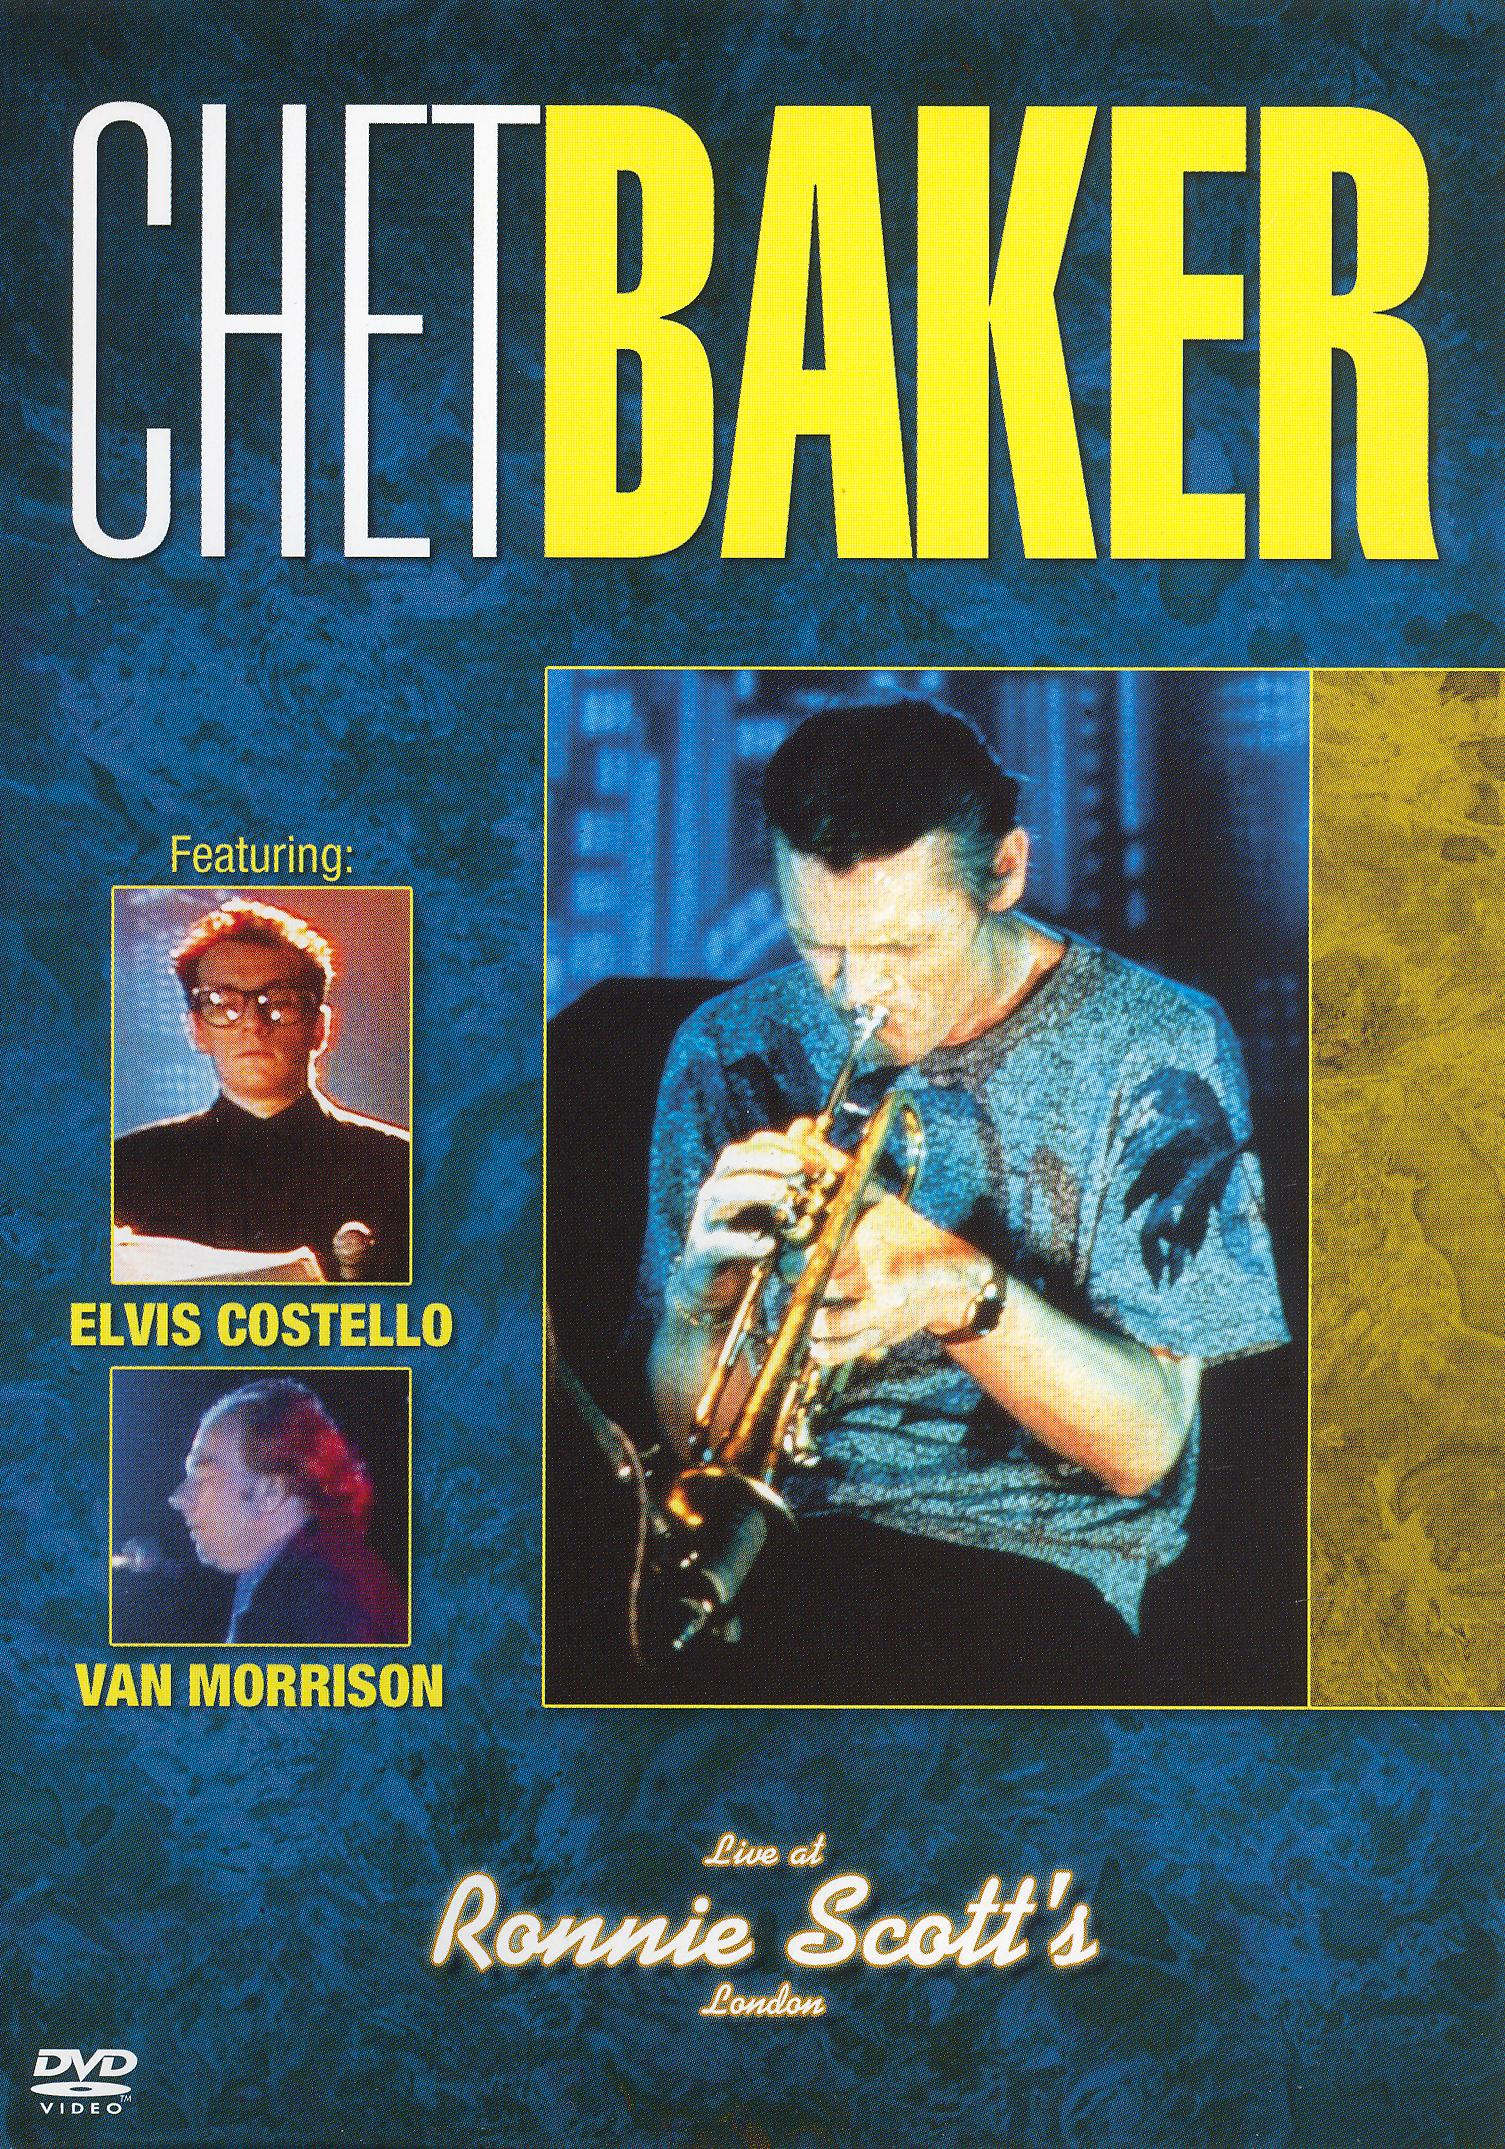 Chet Baker: Live at Ronnie Scott's